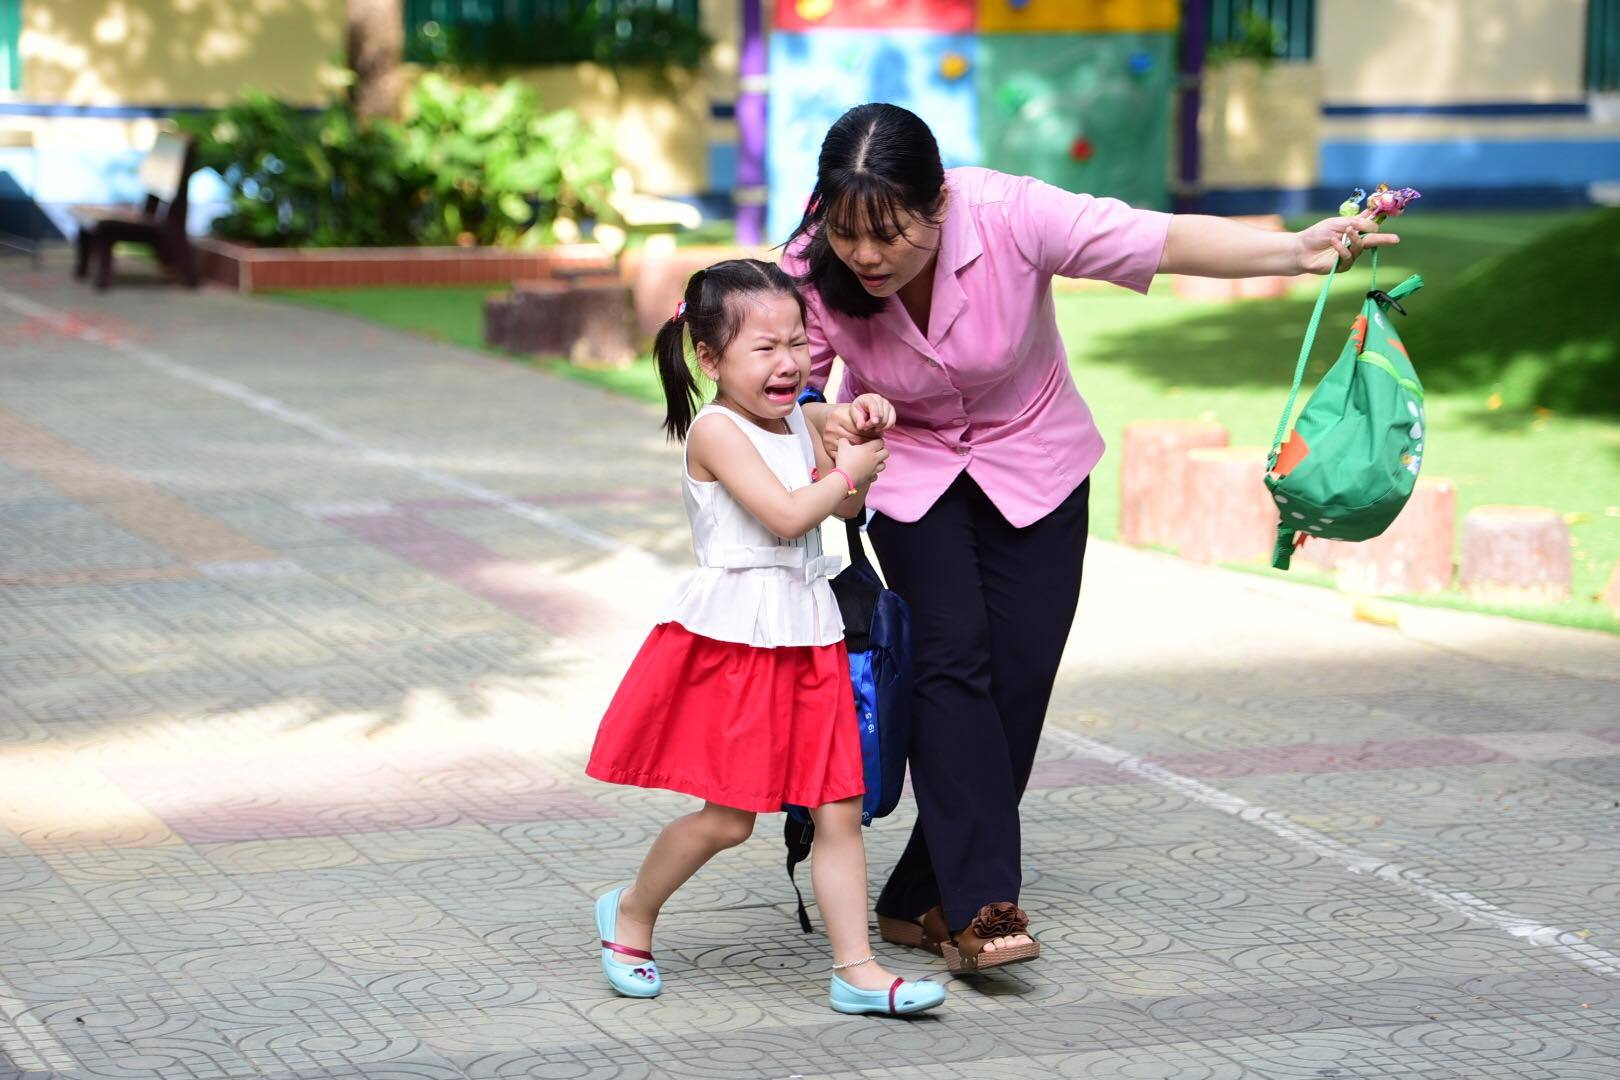 Bé 5 tuổi ở Sài Gòn 'gặp lại bạn, gặp lại cô'